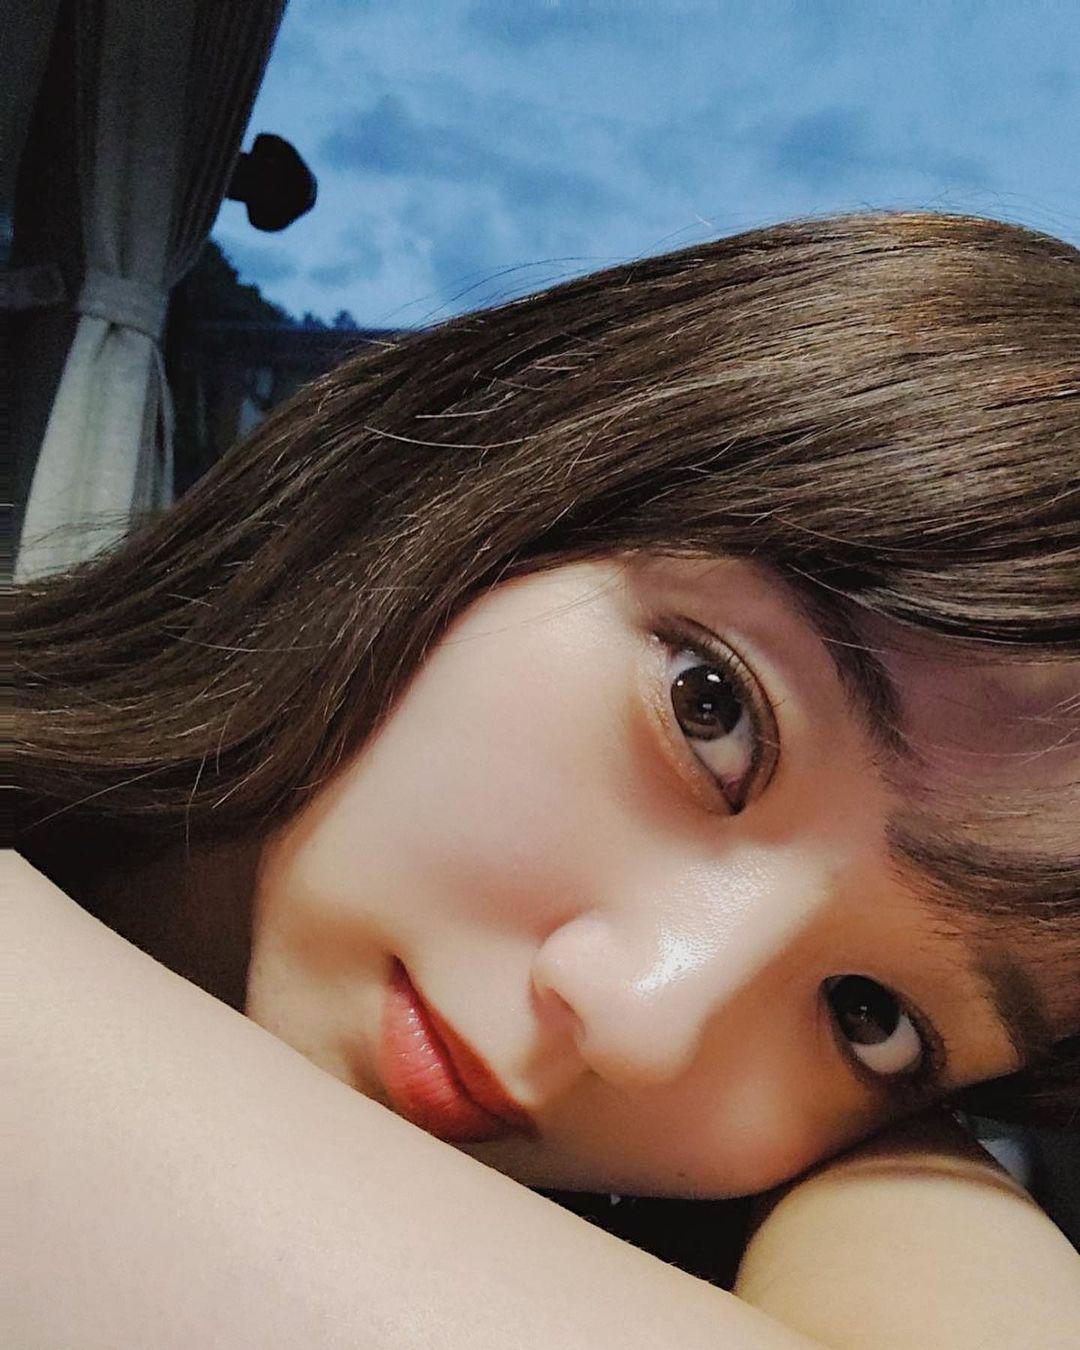 史上最可爱国中生江野沢爱美长大了.不只甜美笑容依旧,空灵气质更是疗愈人心 网络美女 第32张